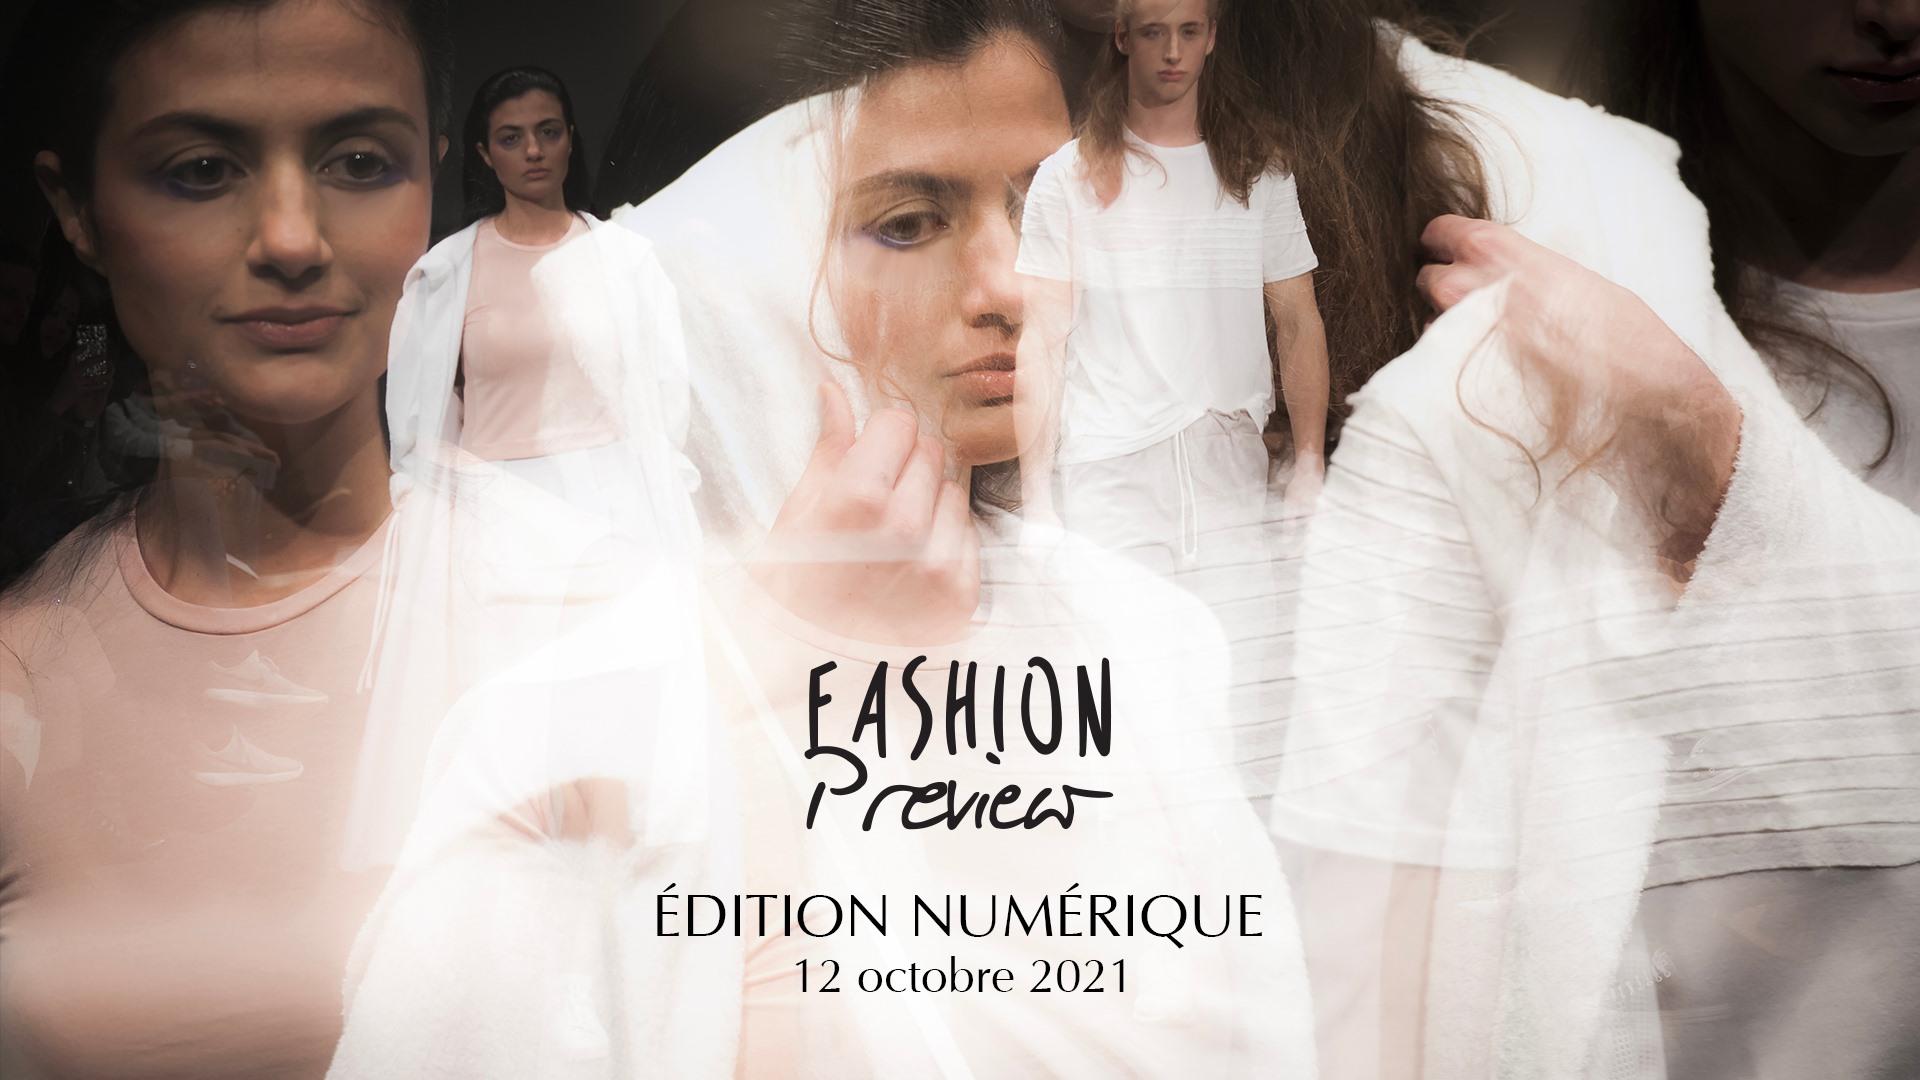 Fashion Preview – Édition numérique #3